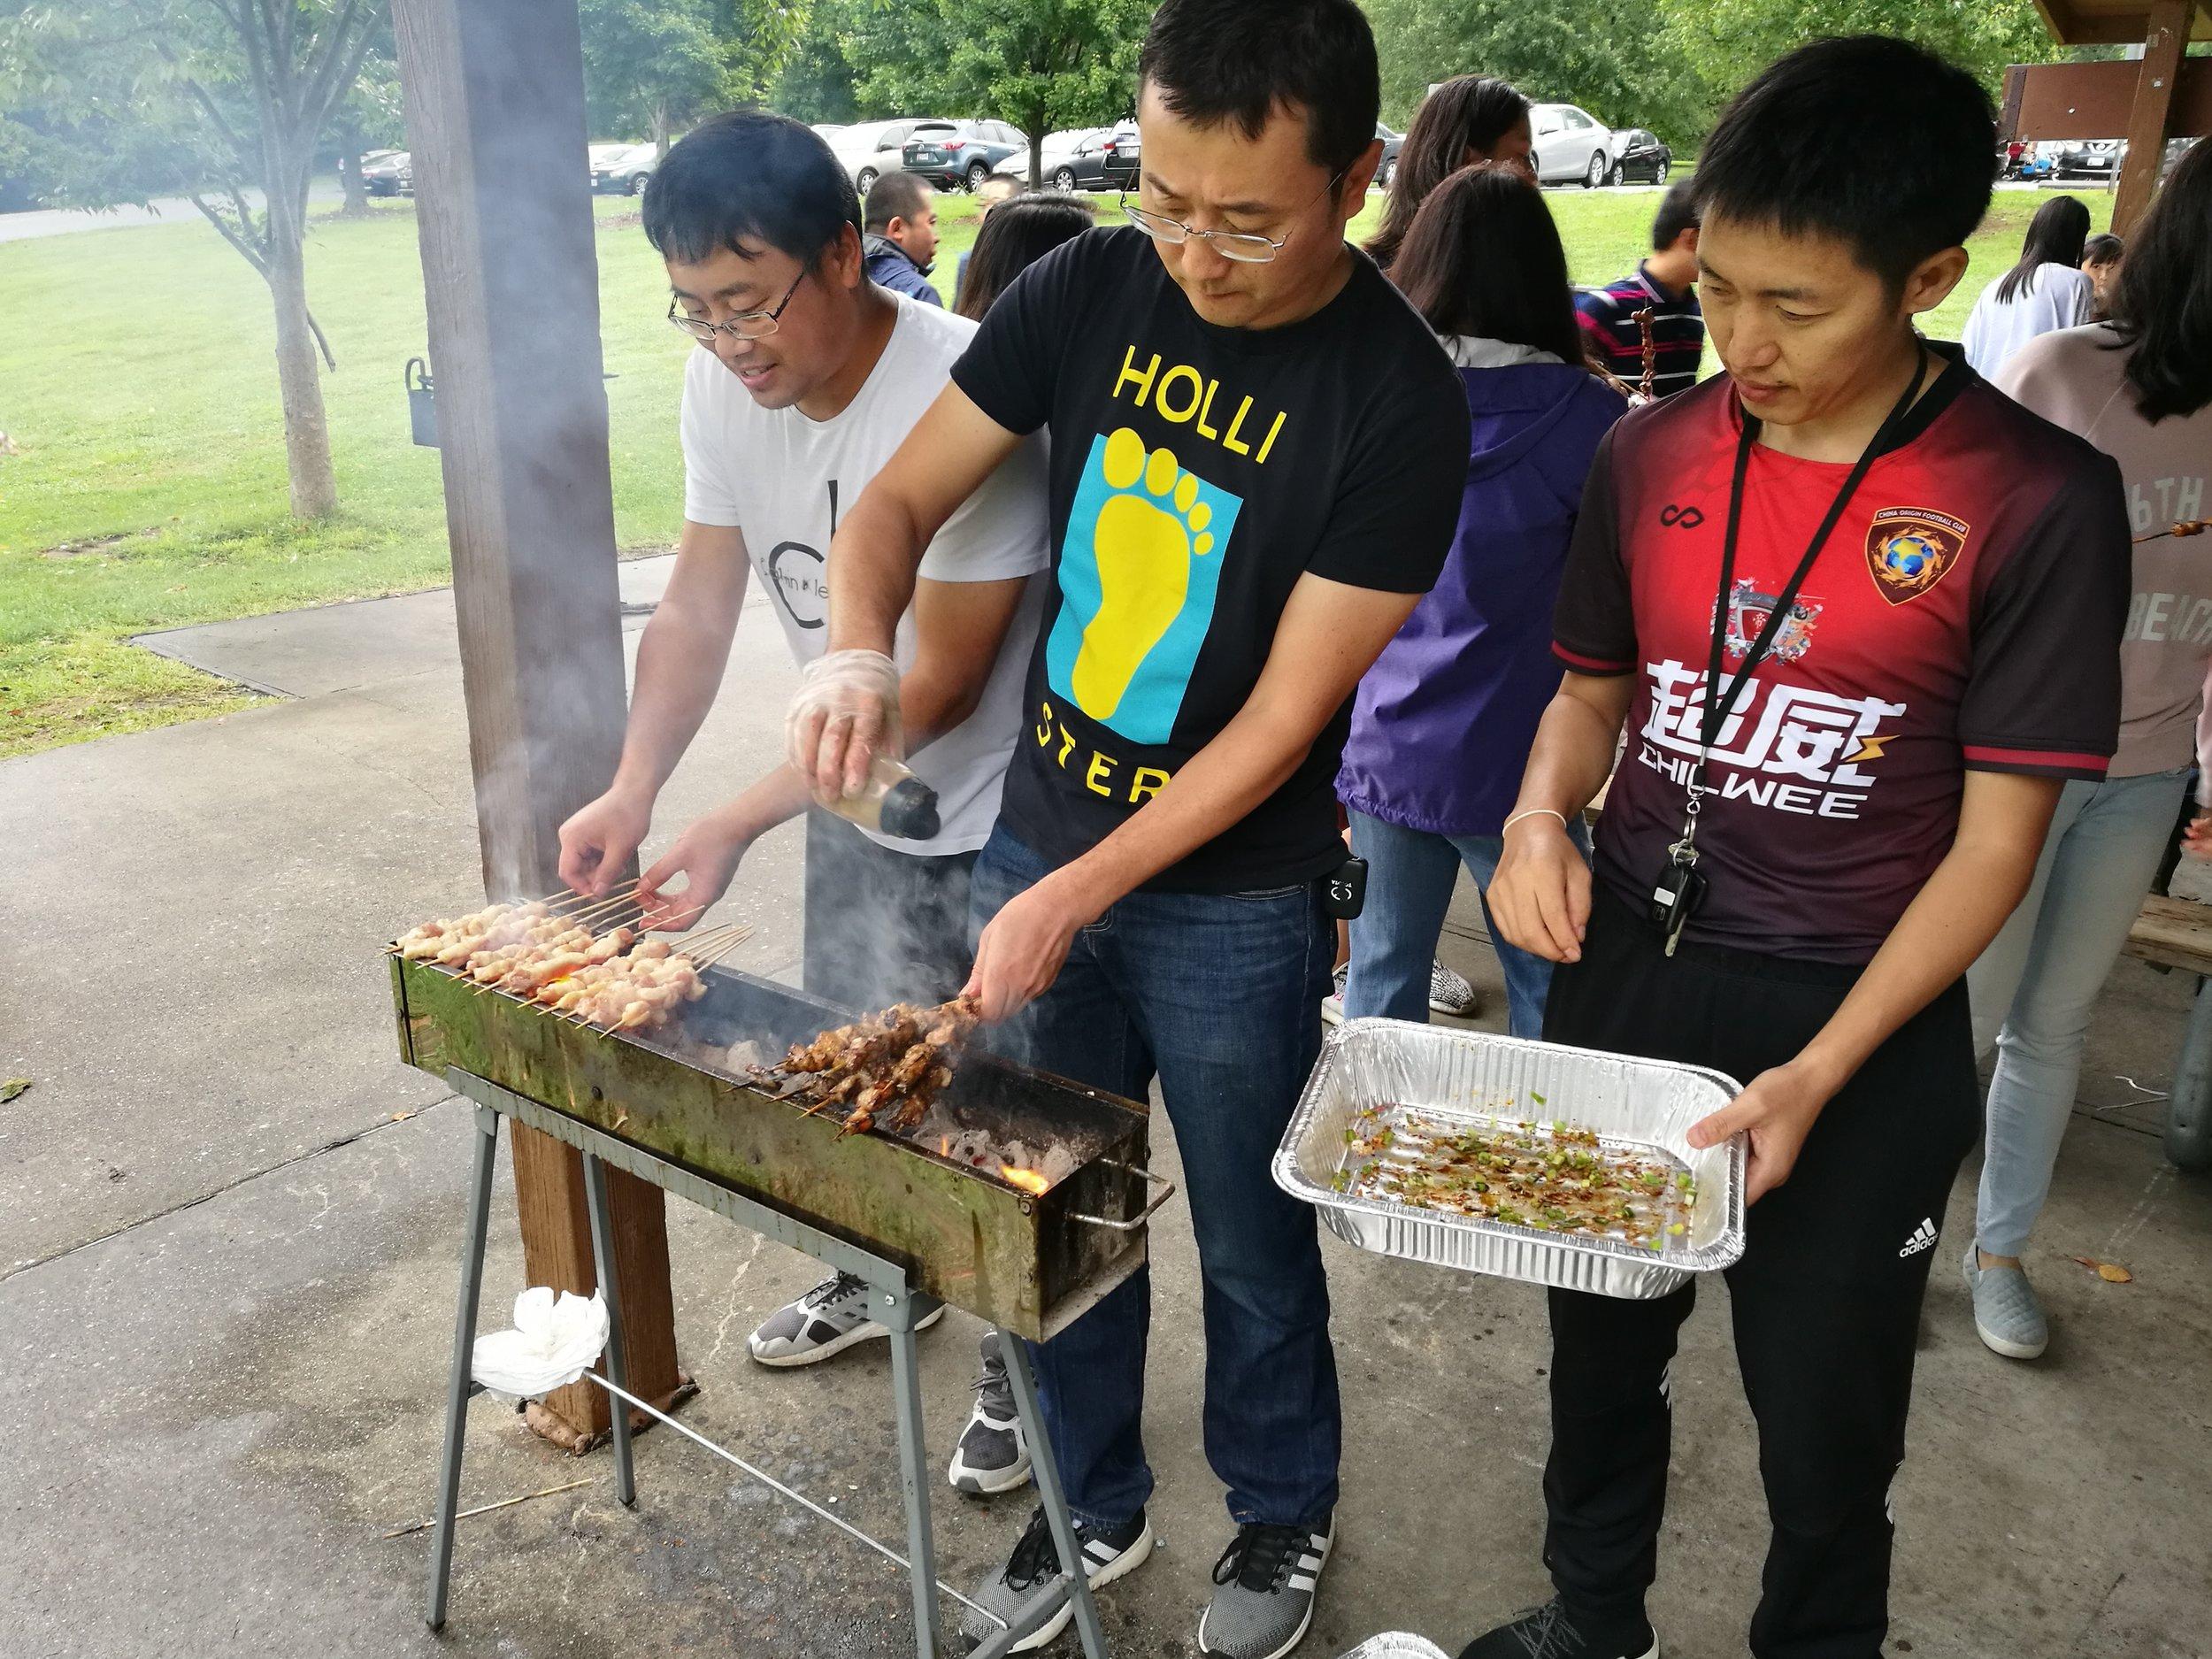 烤串小分队在精心烹调